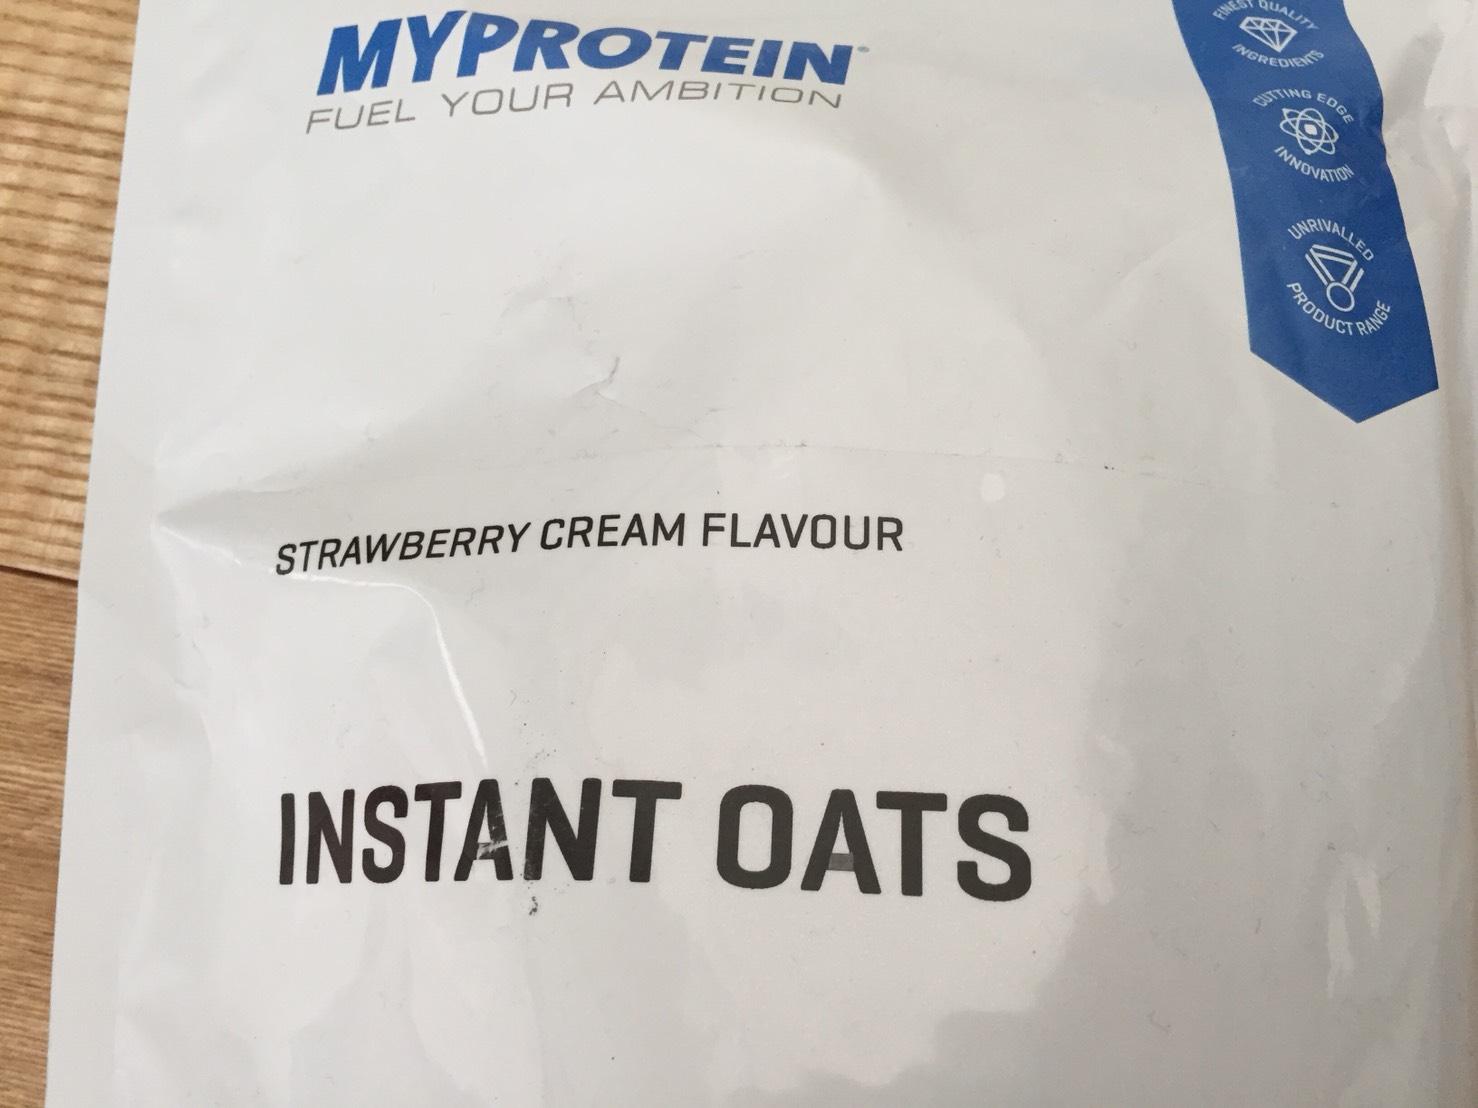 INSTANT OATS(インスタントオーツ)STRAWBERRY CREAM FLAVOUR(ストロベリークリーム味)の成分表